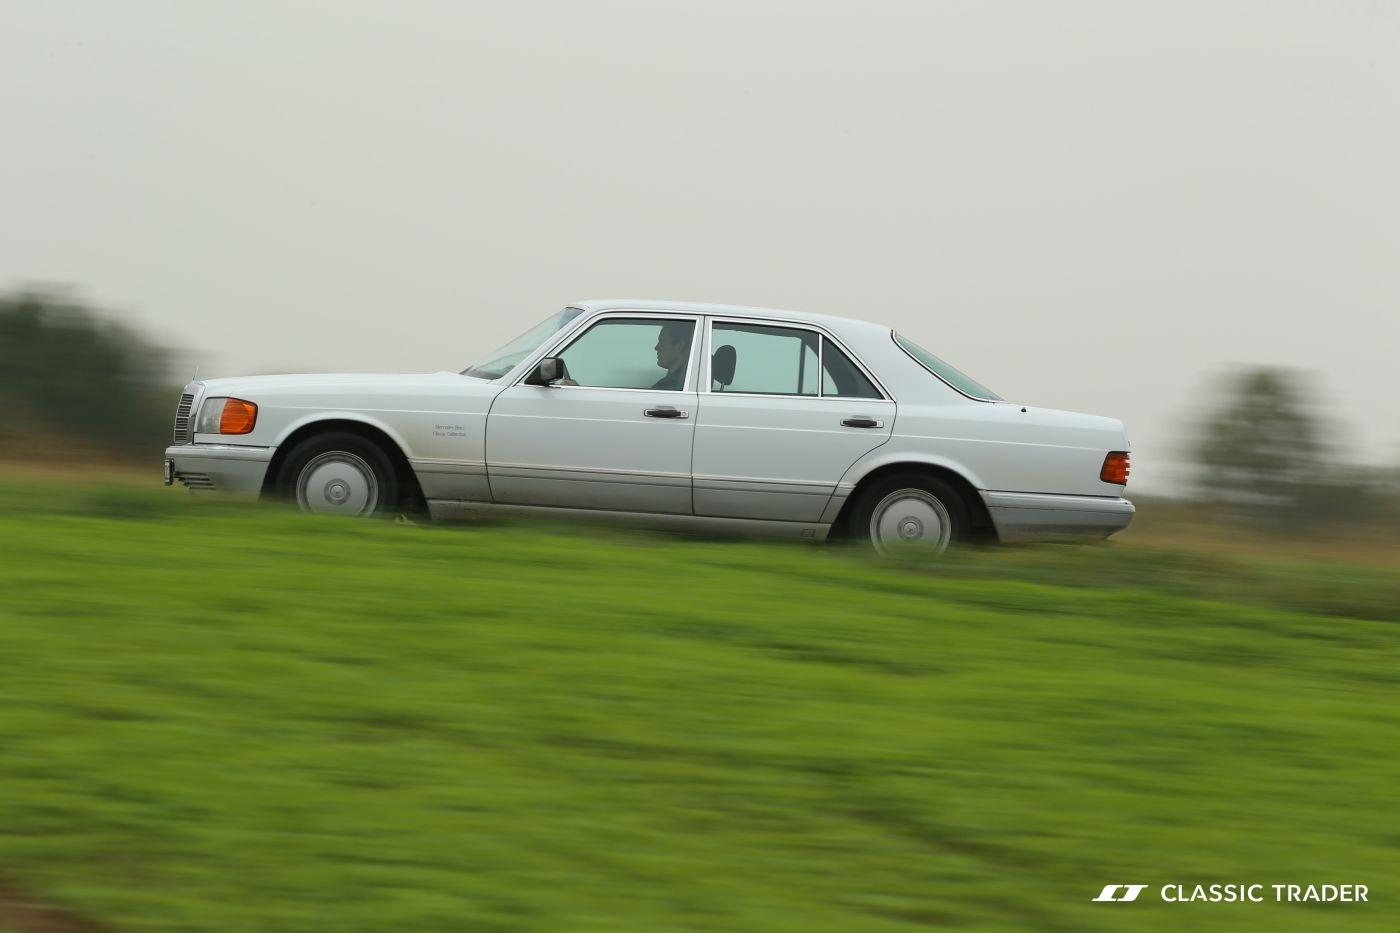 Mercedes-Benz W 126 S Klasse 300 SE 1990 Seite (9)